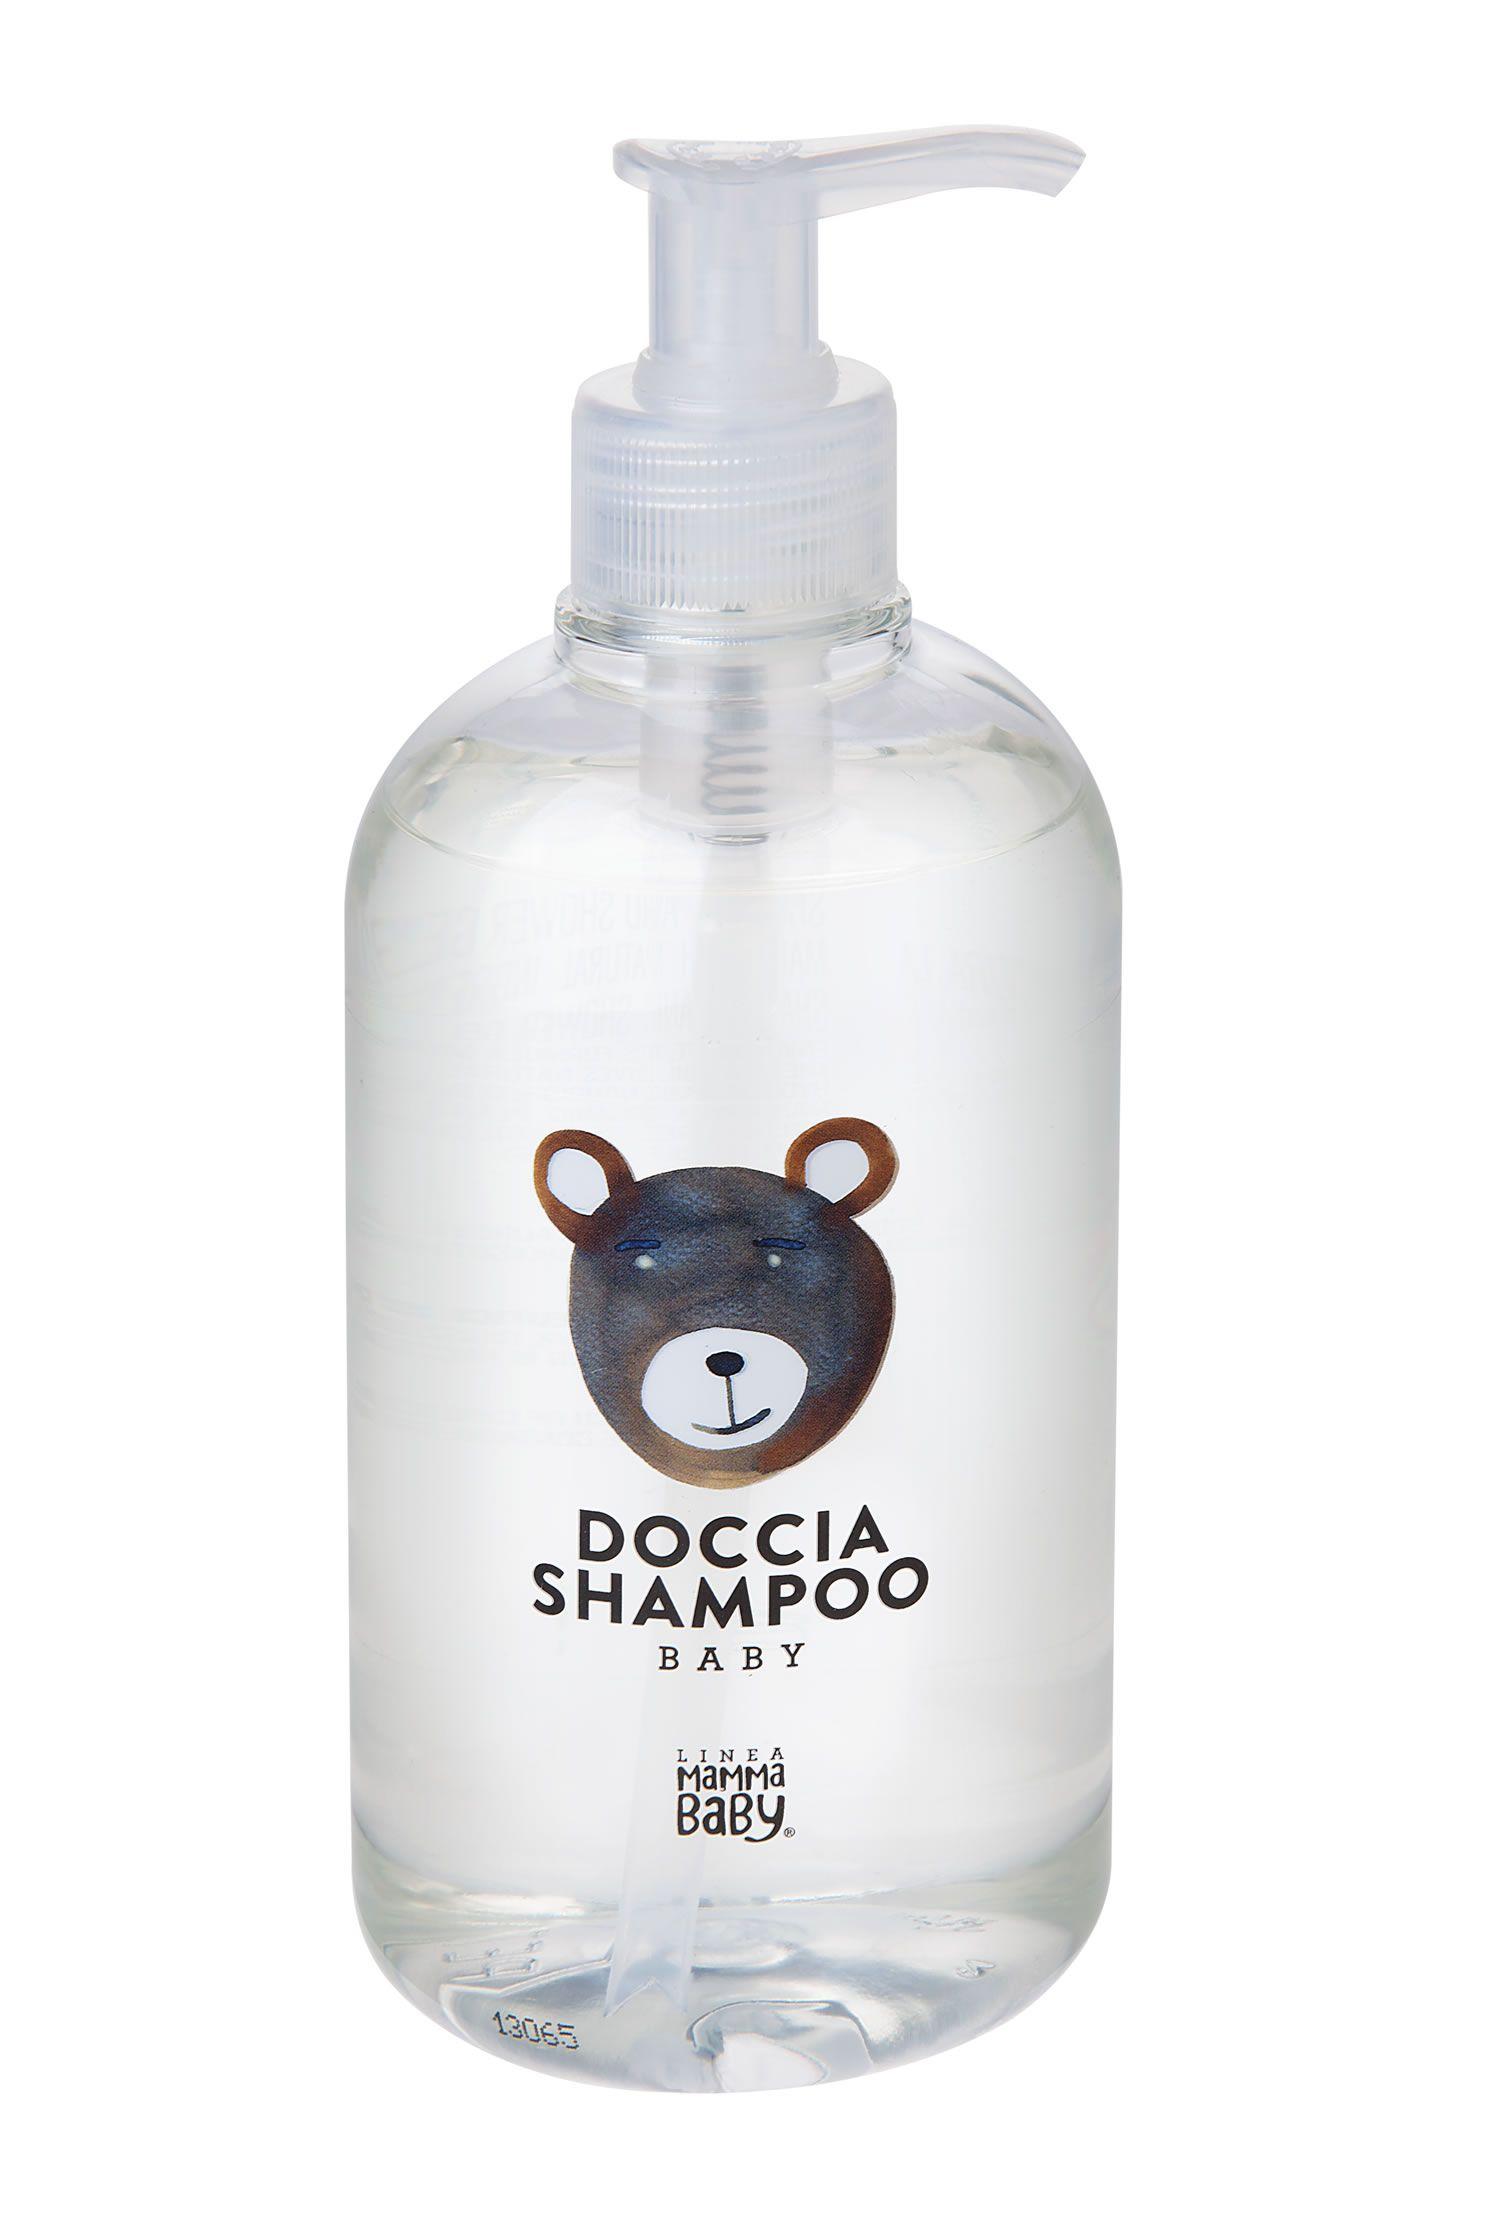 Doccia Shampoo Baby Shower Shampoo Baby Character The Bear